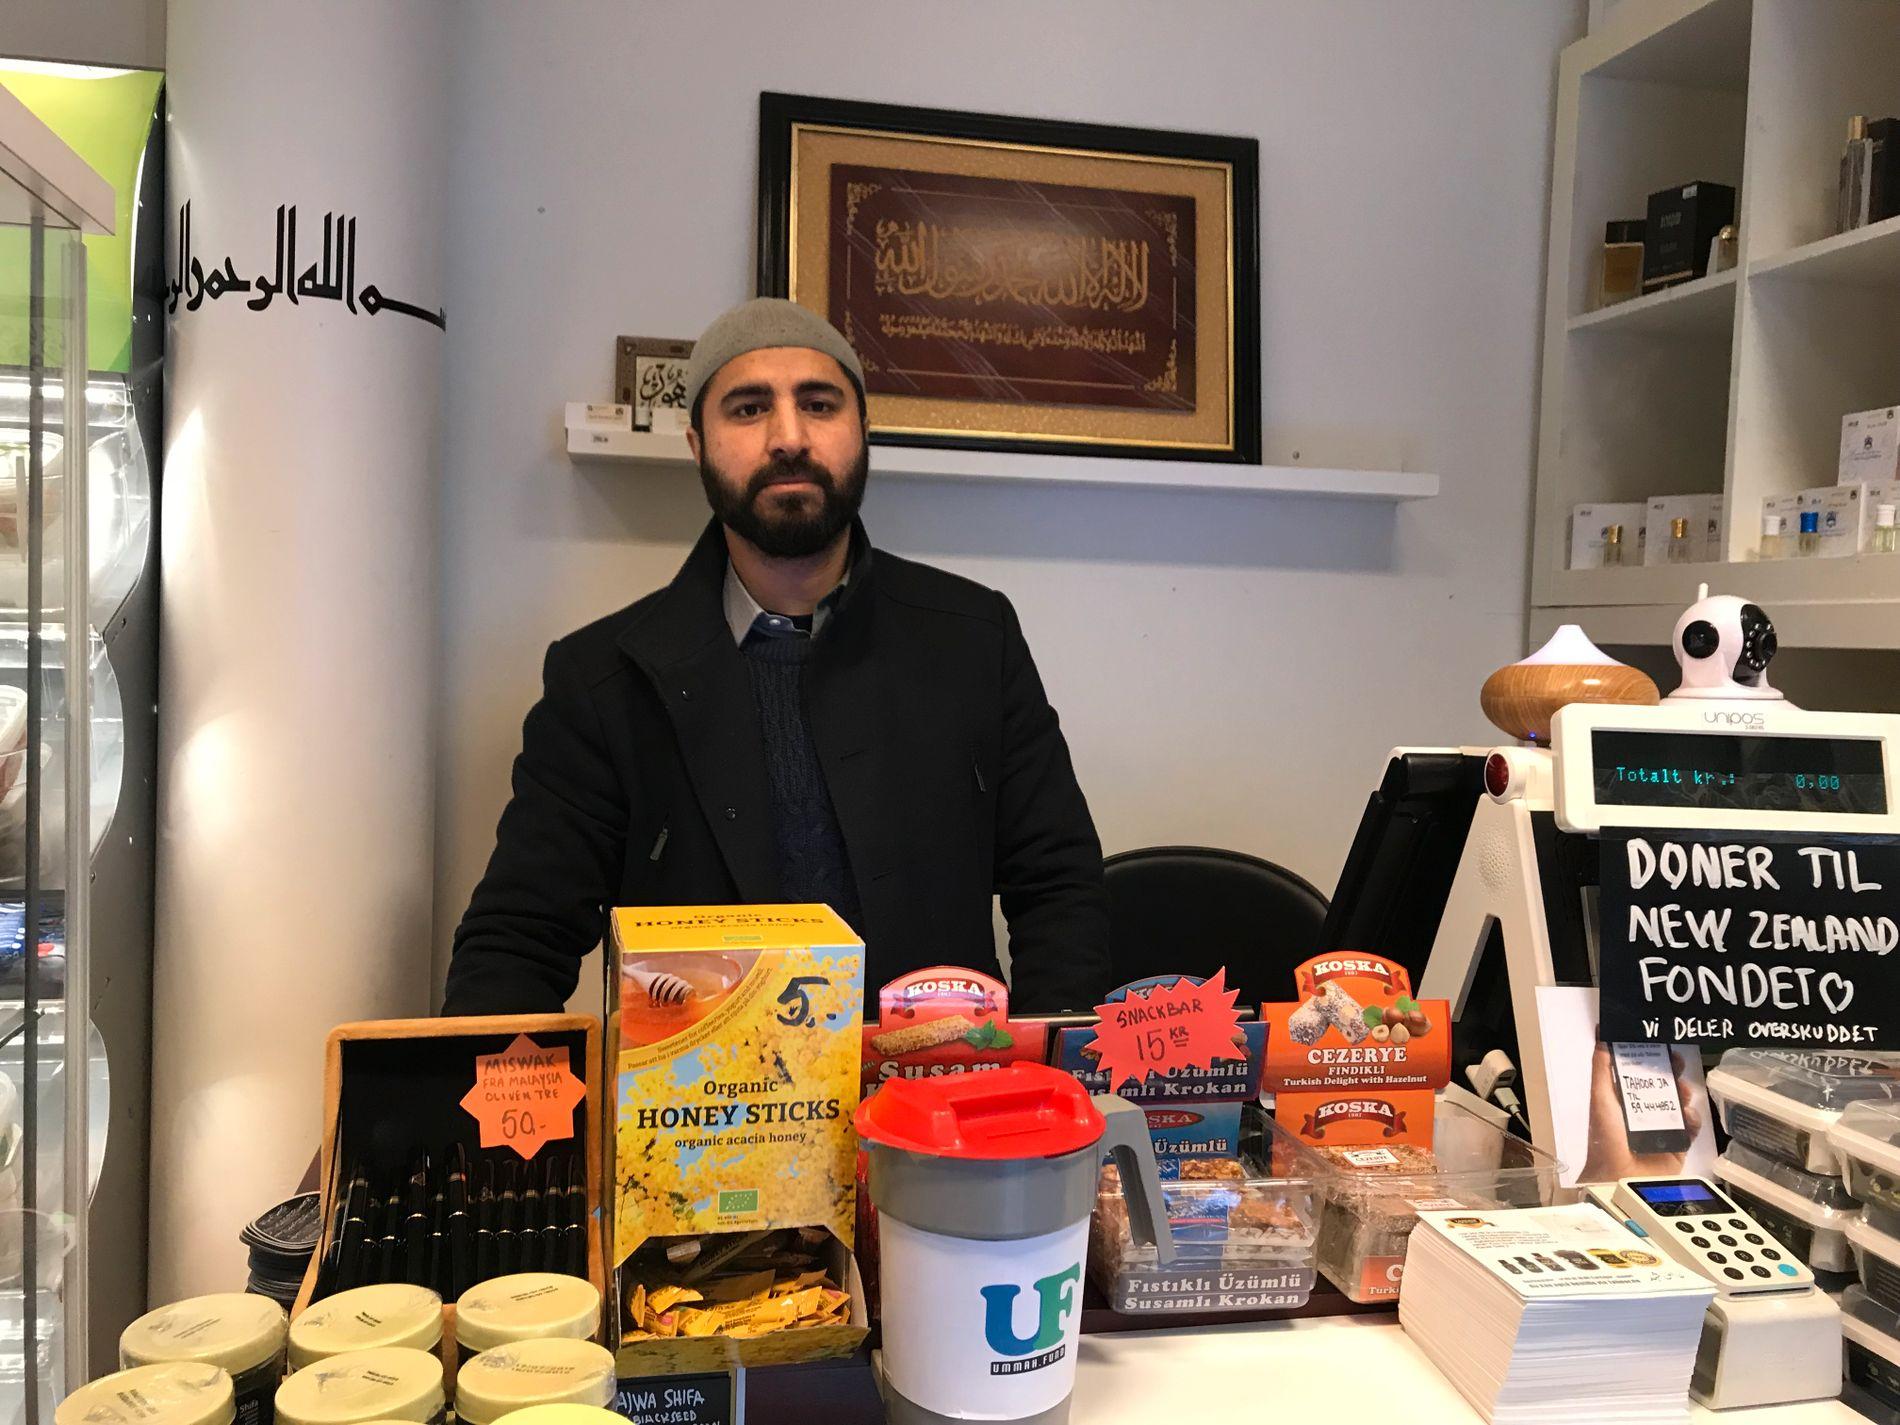 SAMLER INN: Butikkinnehaver Wakas Mir har startet egen innsamling for de berørte på New Zealand.